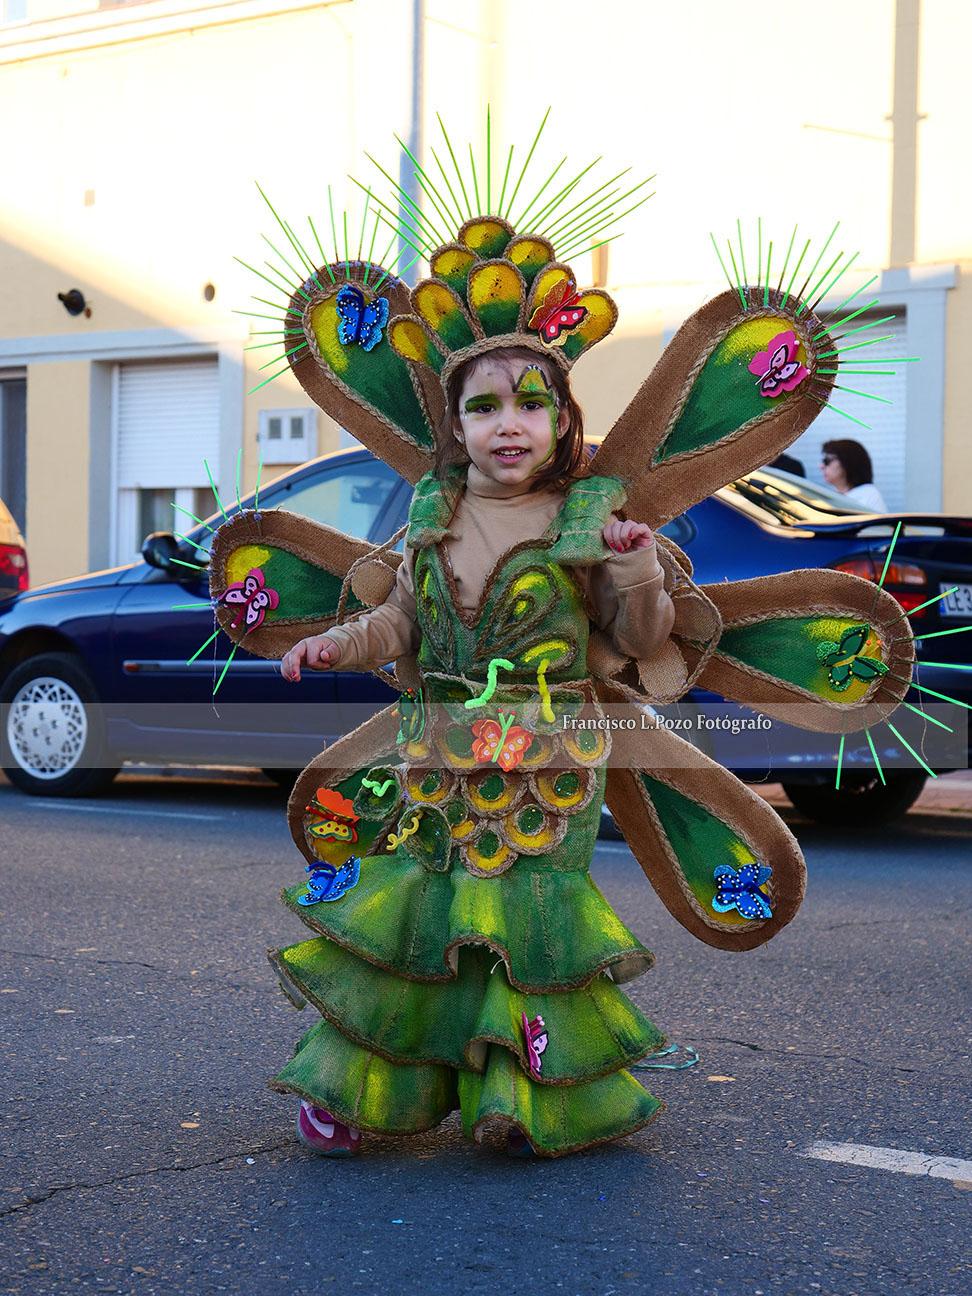 Carnaval 2020: Camponaraya sale a la calle a ritmo de comparsa 88